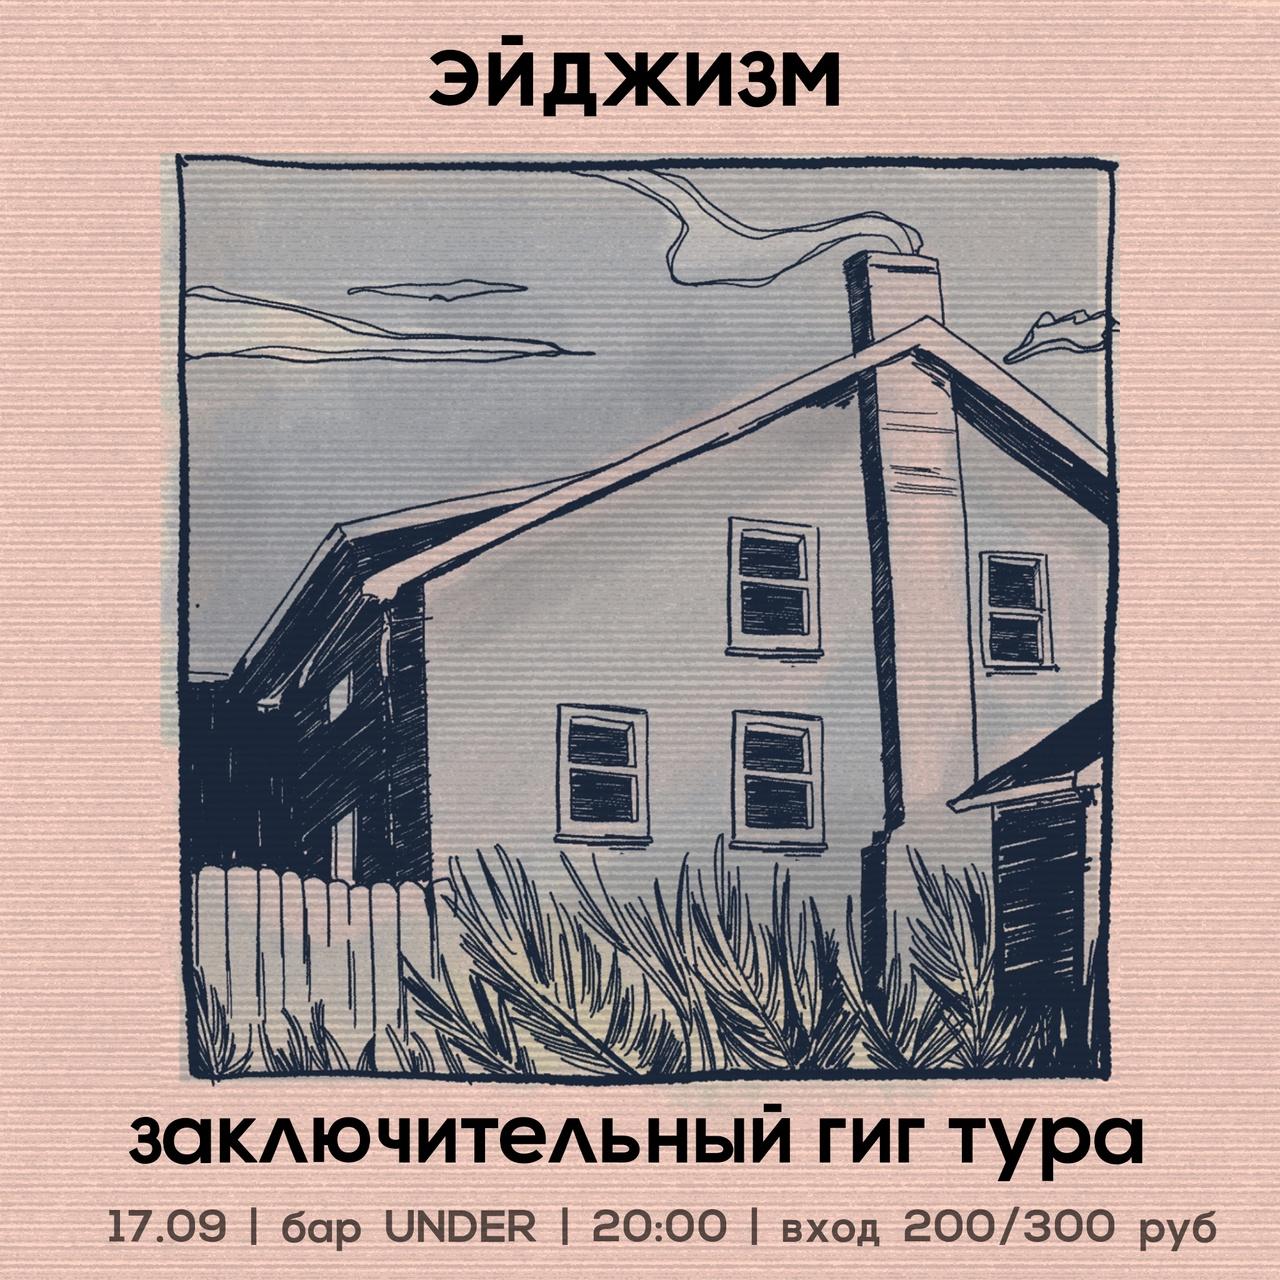 Афиша Тюмень 17.09 Эйджизм Under